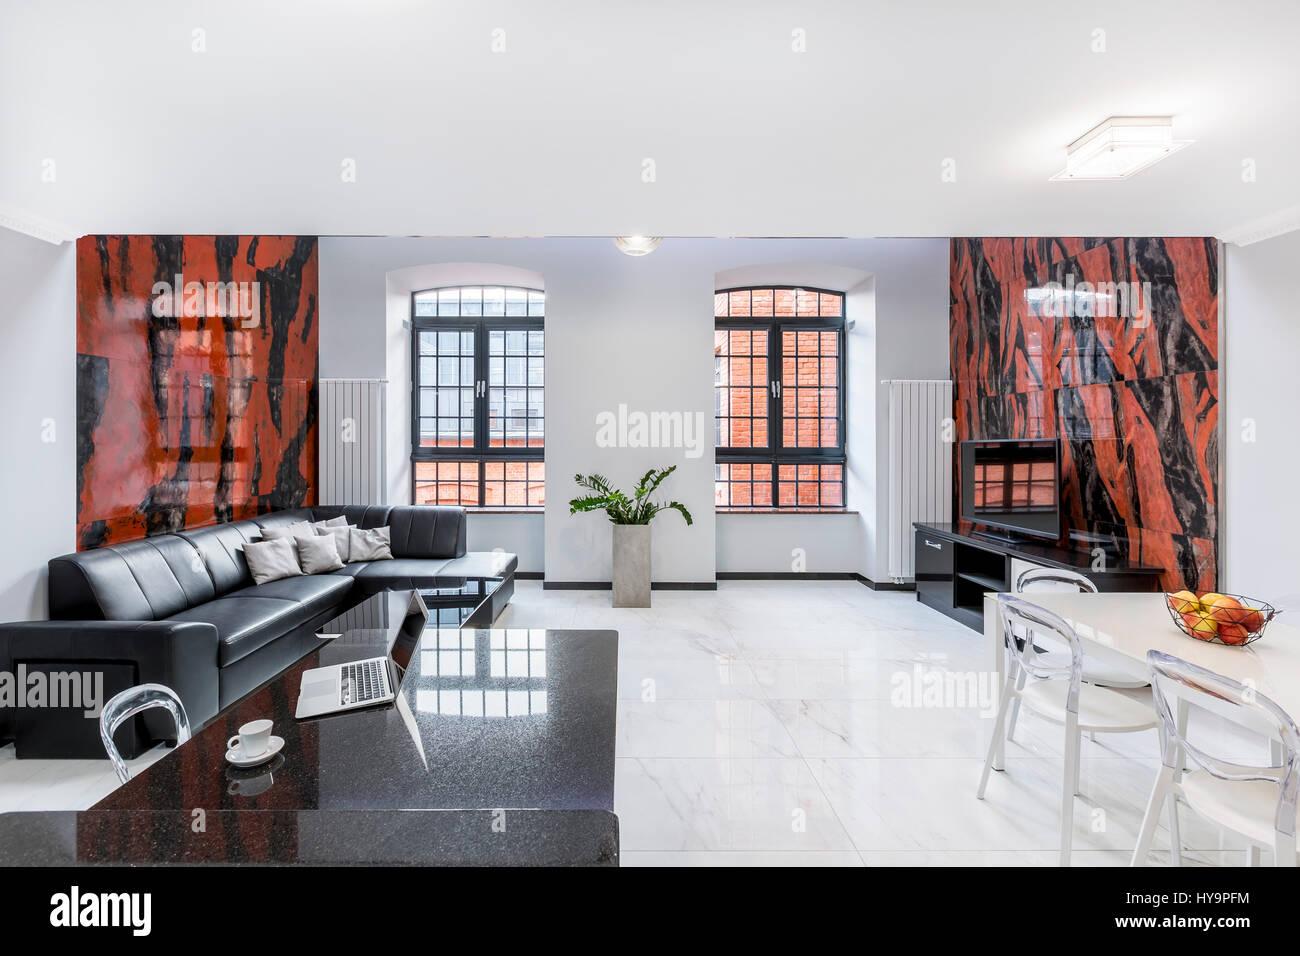 Fußboden Fliesen Zum Glänzen Bringen ~ Fußboden fliesen glanz mosaik weiß glänzend cm cm